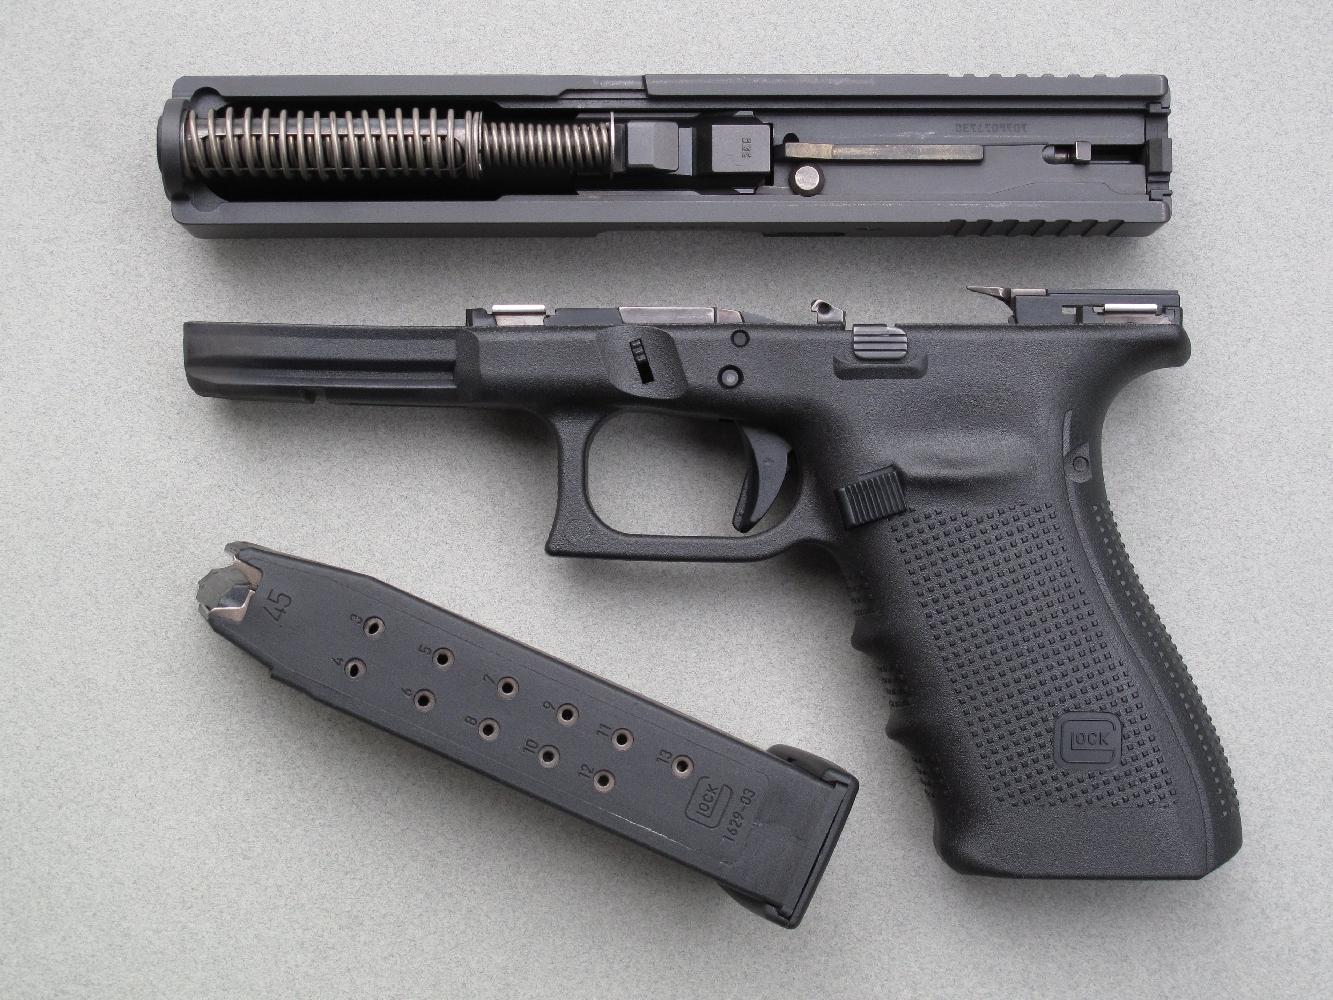 Comme sur tous les pistolets Glock, le démontage de la glissière s'effectue de façon instantanée et sans outil.